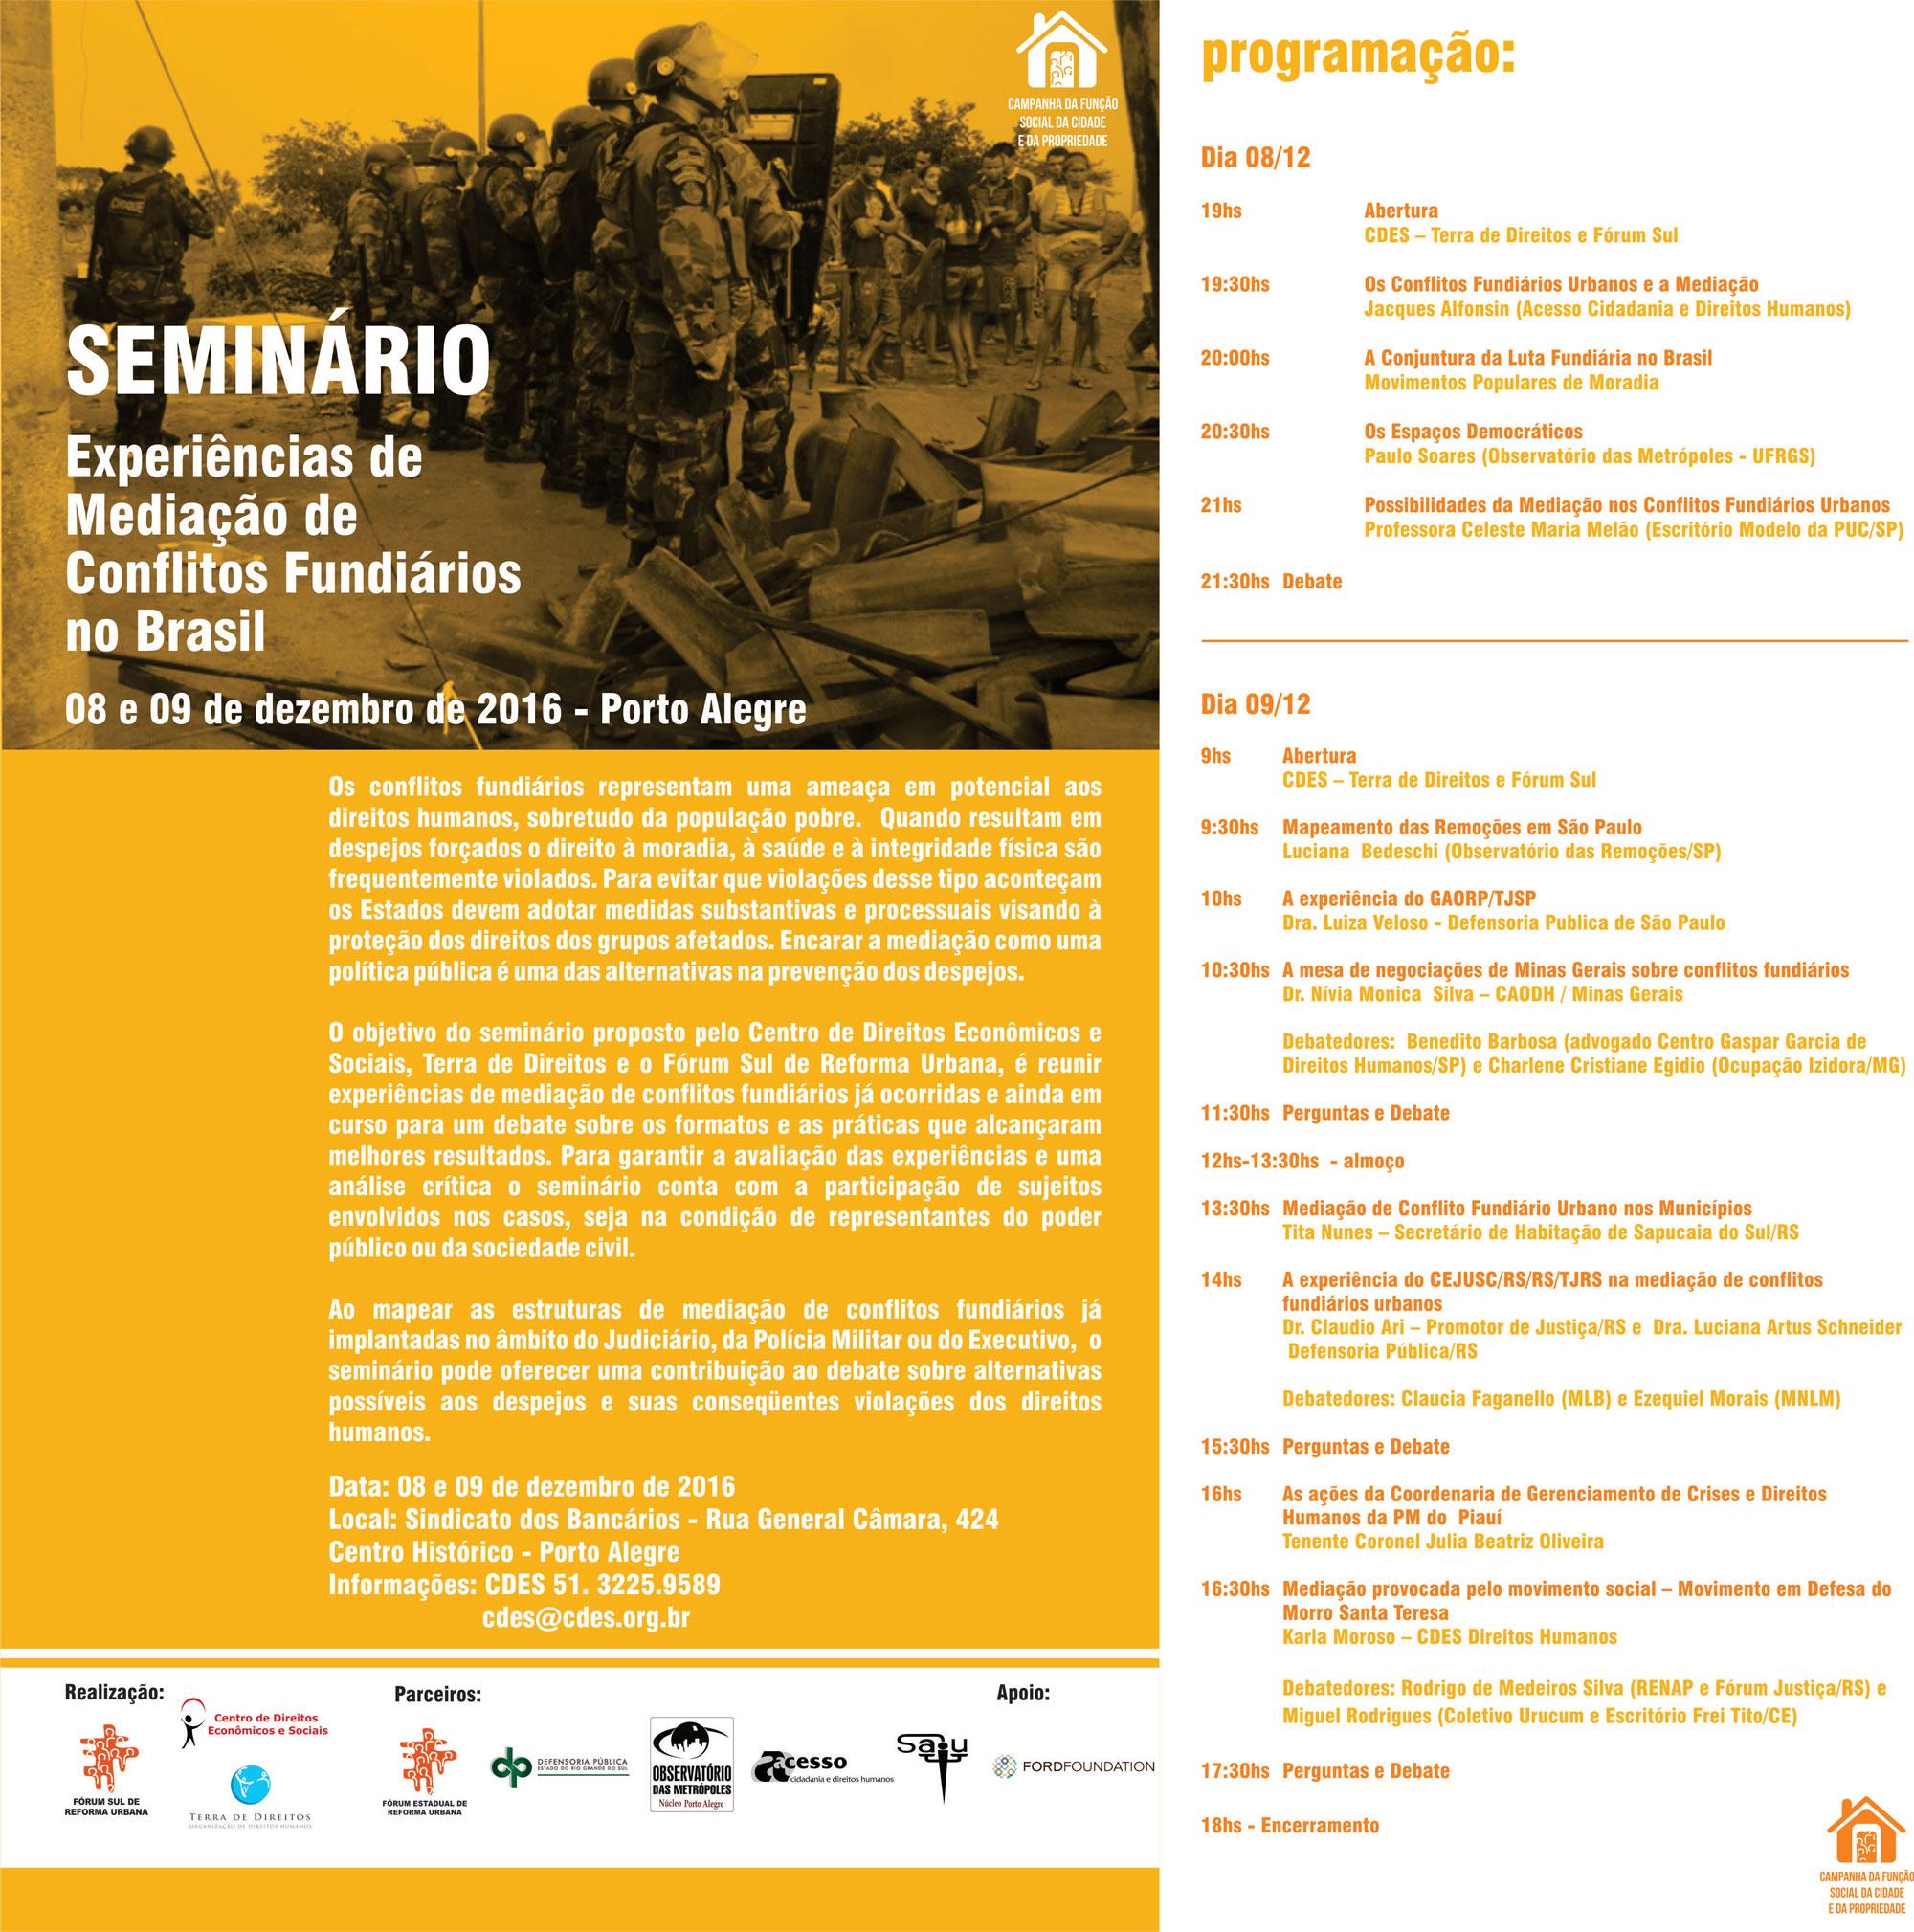 seminario_convite